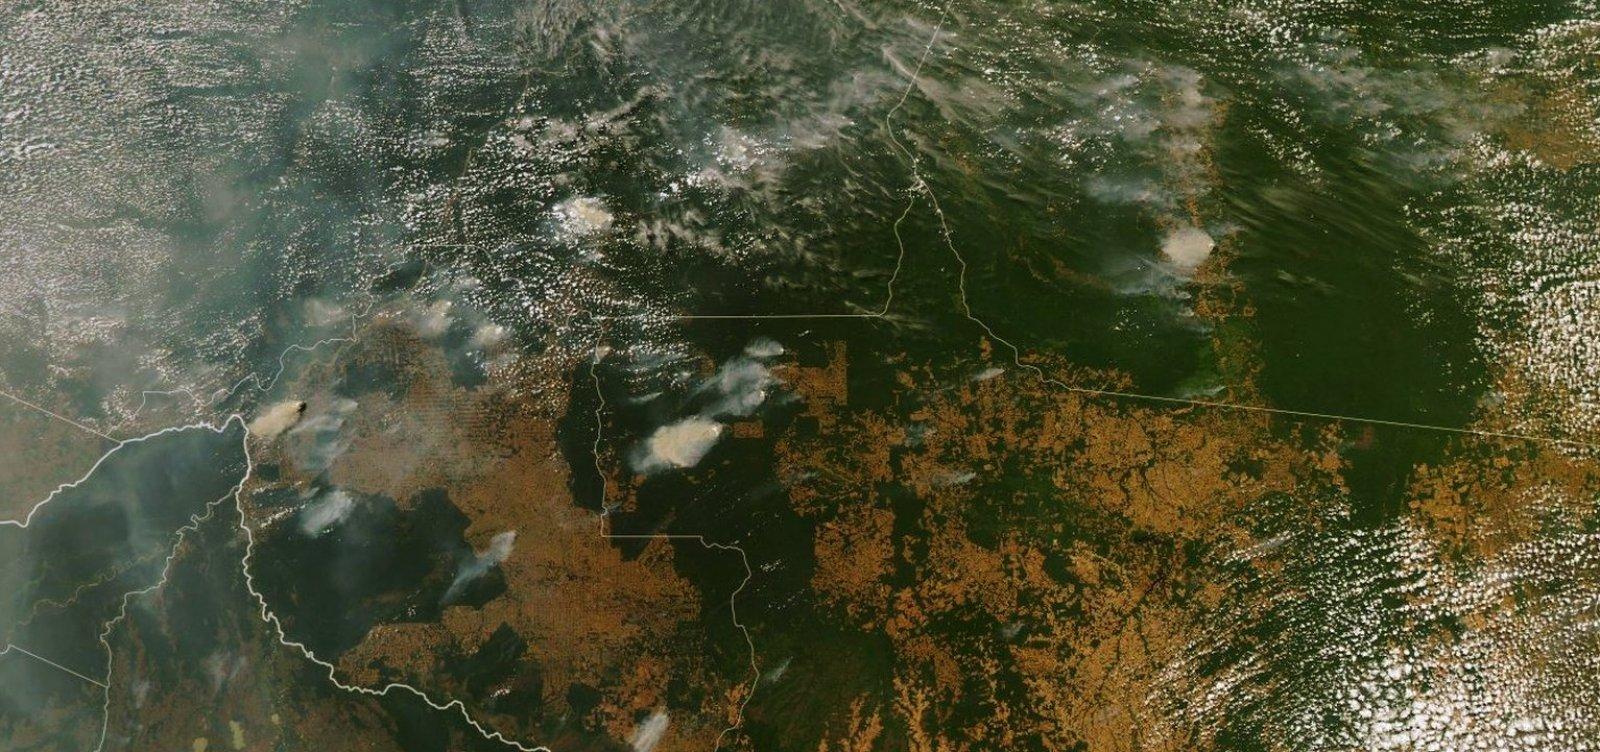 [Desmatamento na Amazônia atinge maior patamar desde 2008]